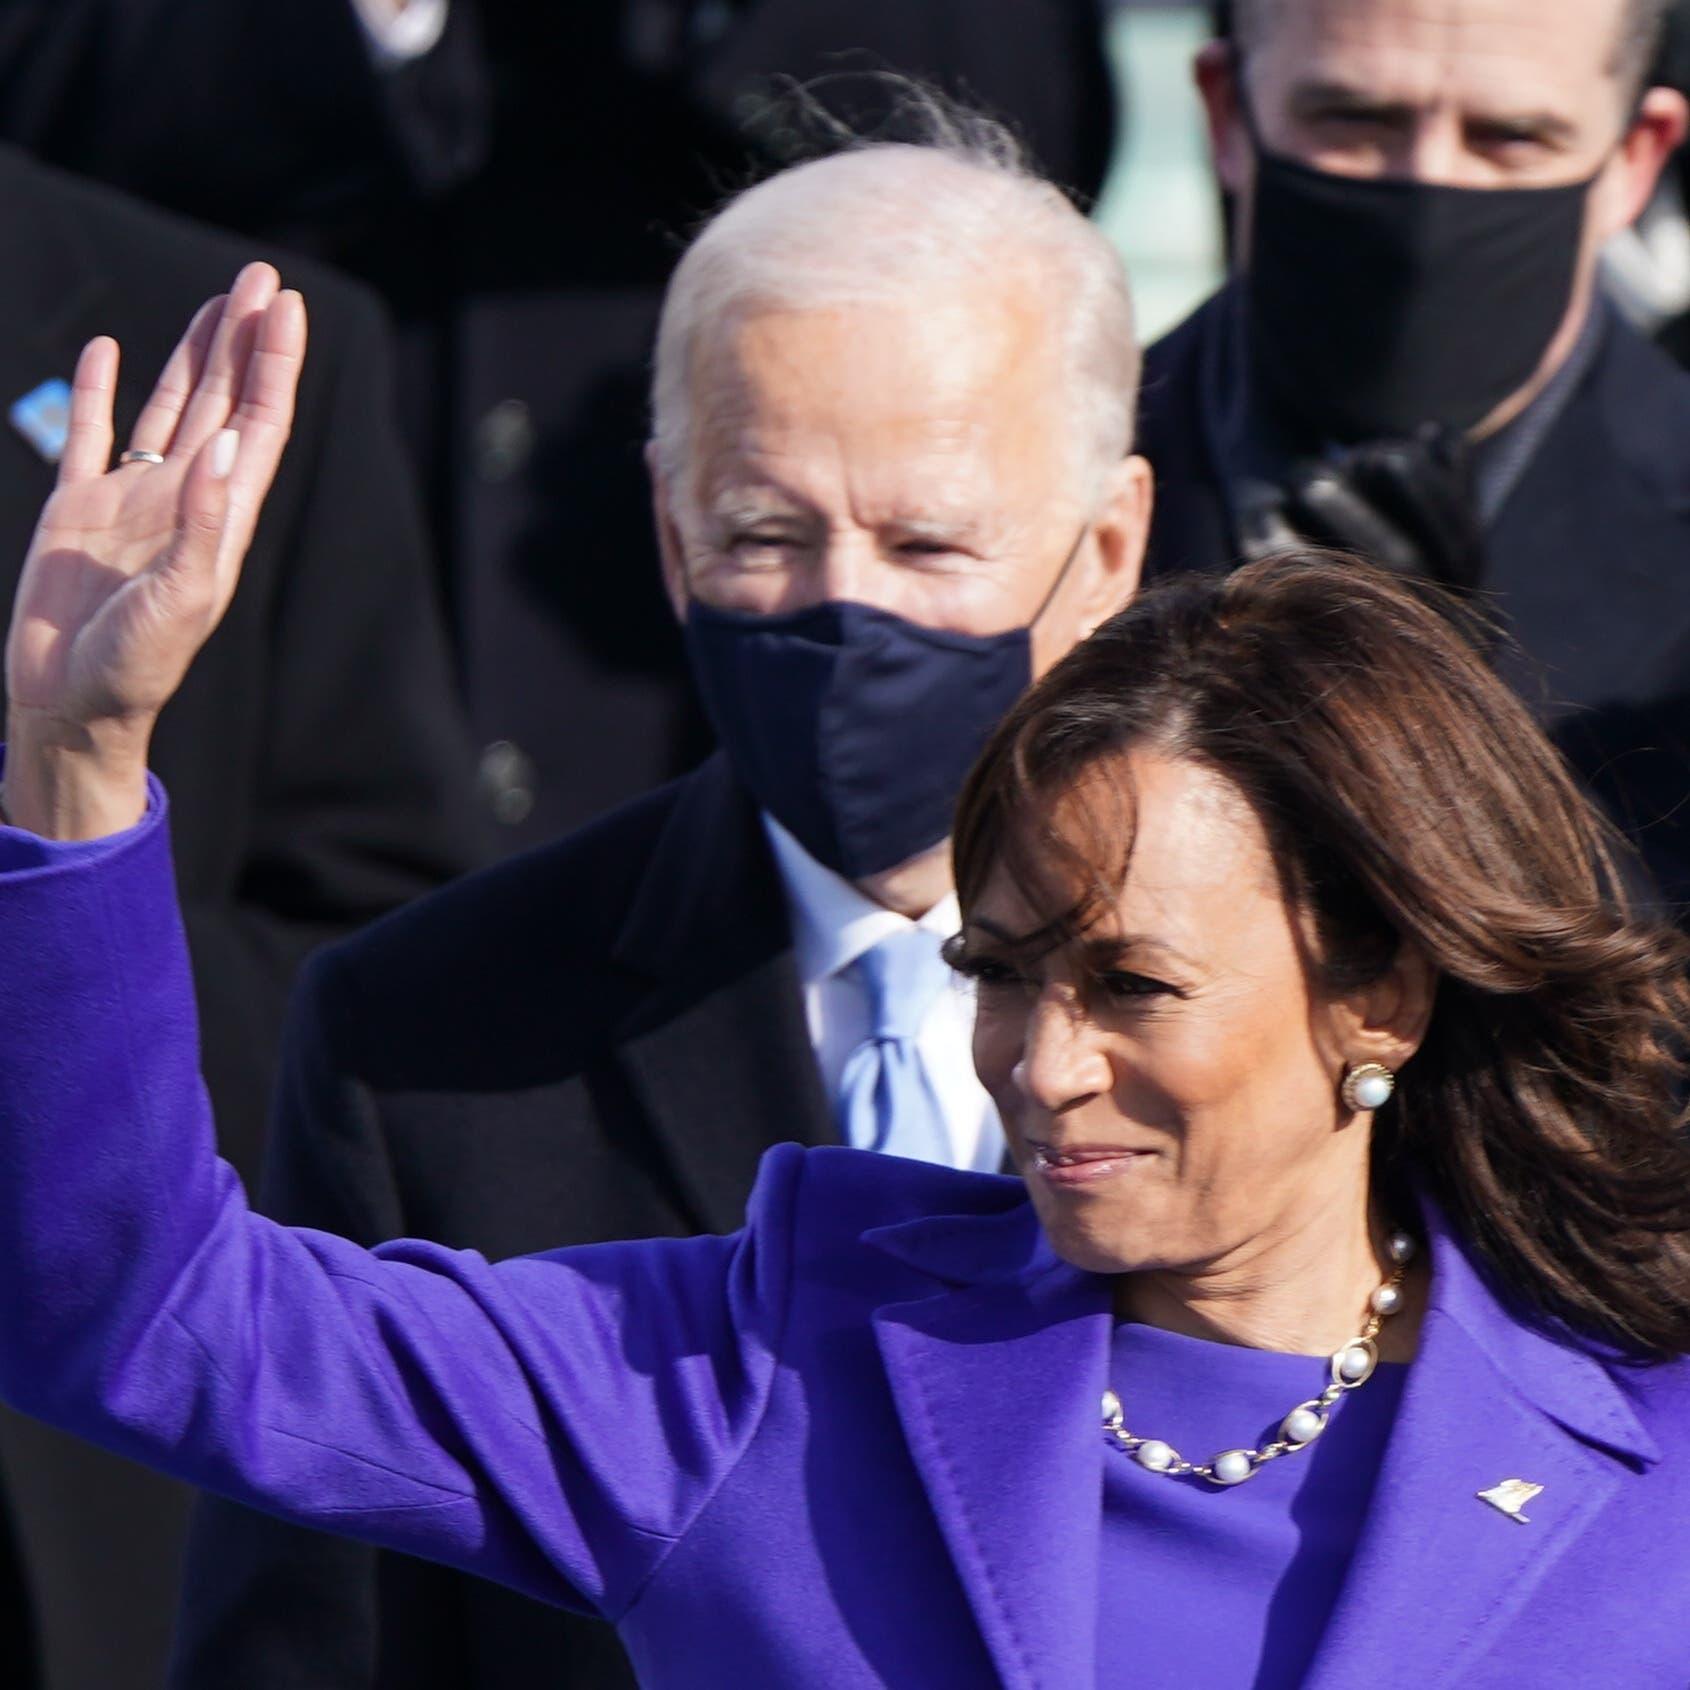 كامالا هاريس تصبح أول أميركية تتولى منصب نائب الرئيس